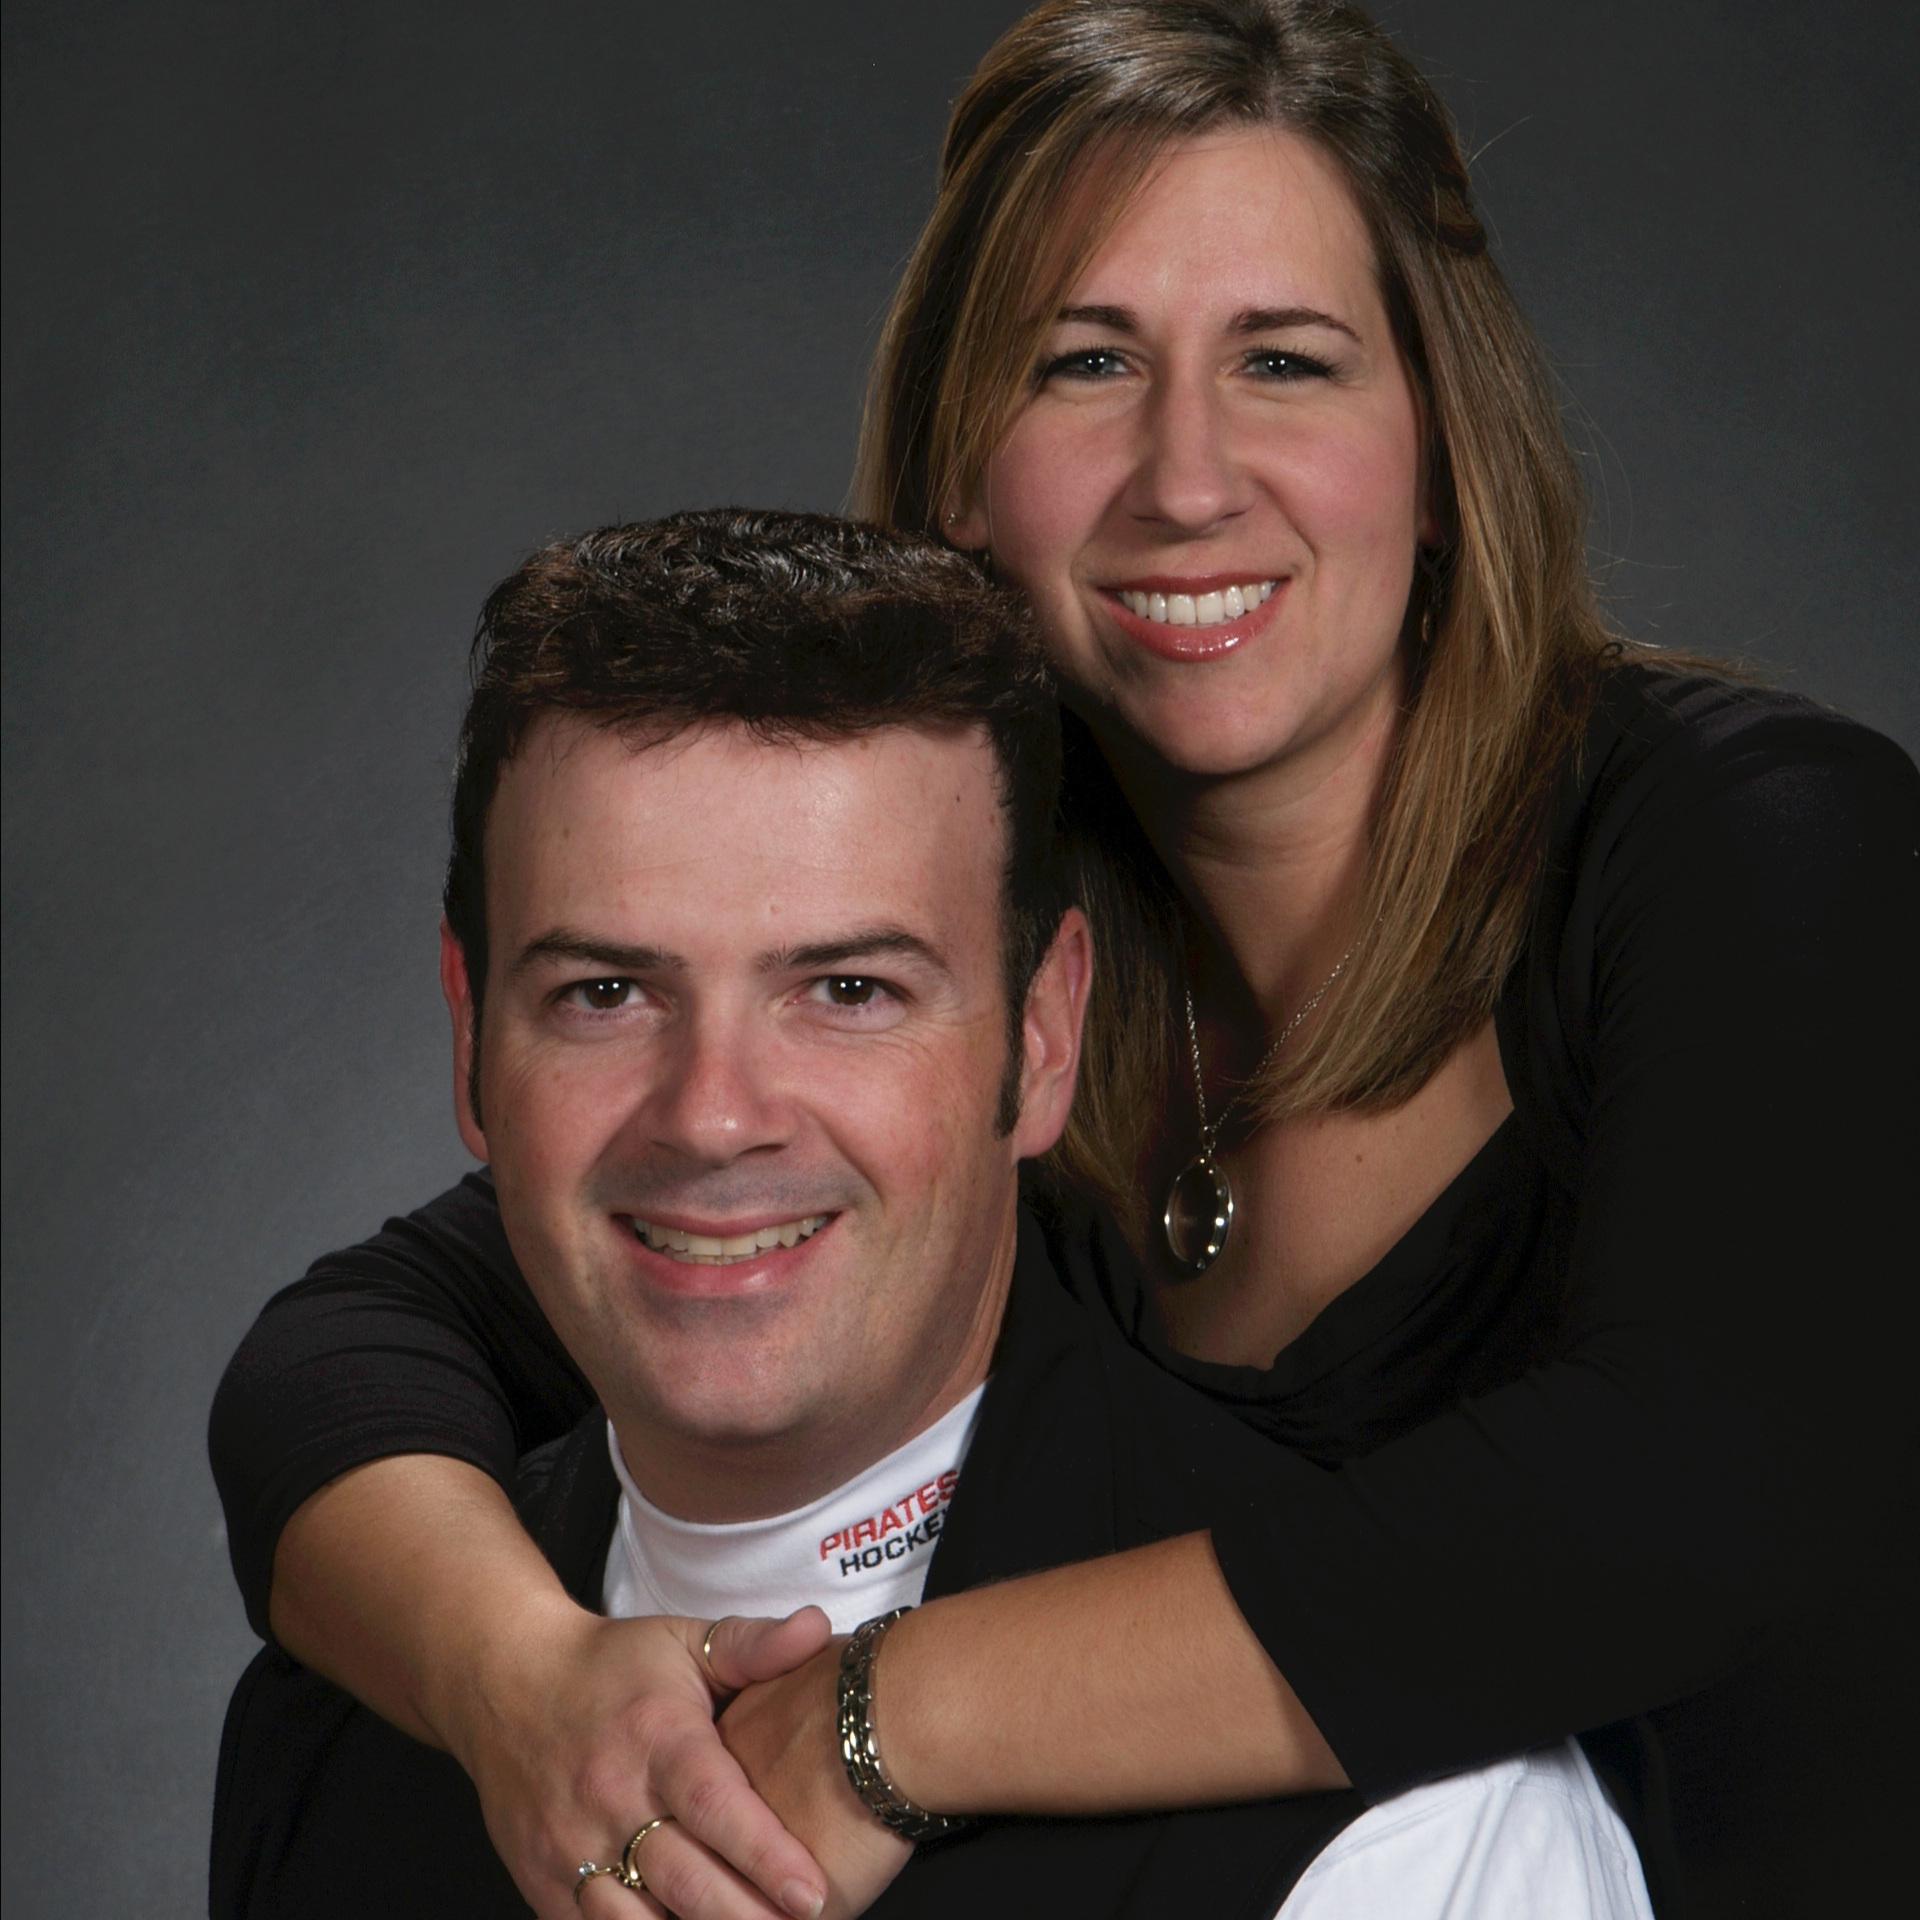 Eric+and+Lori+Brown